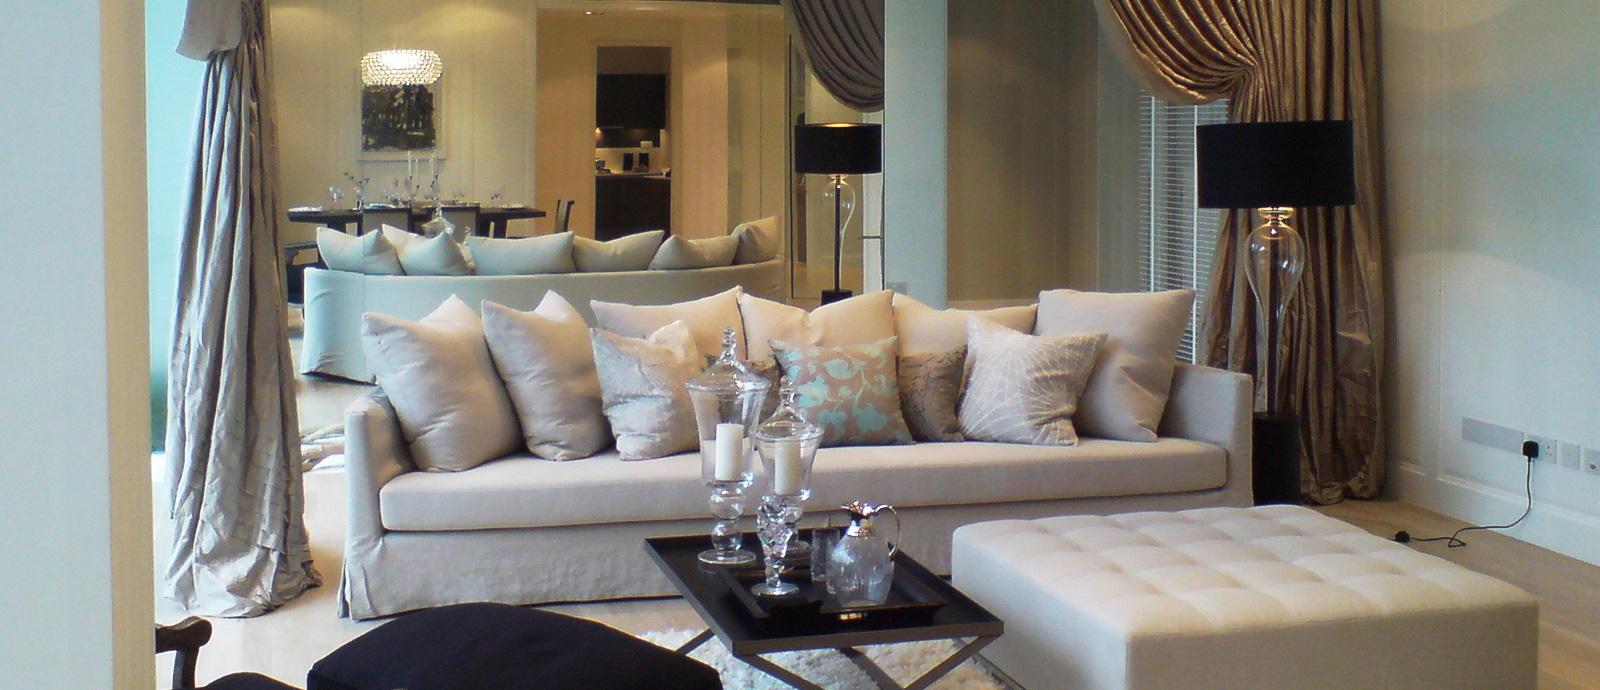 Top Interior Design Company Singapore Best Interior Design